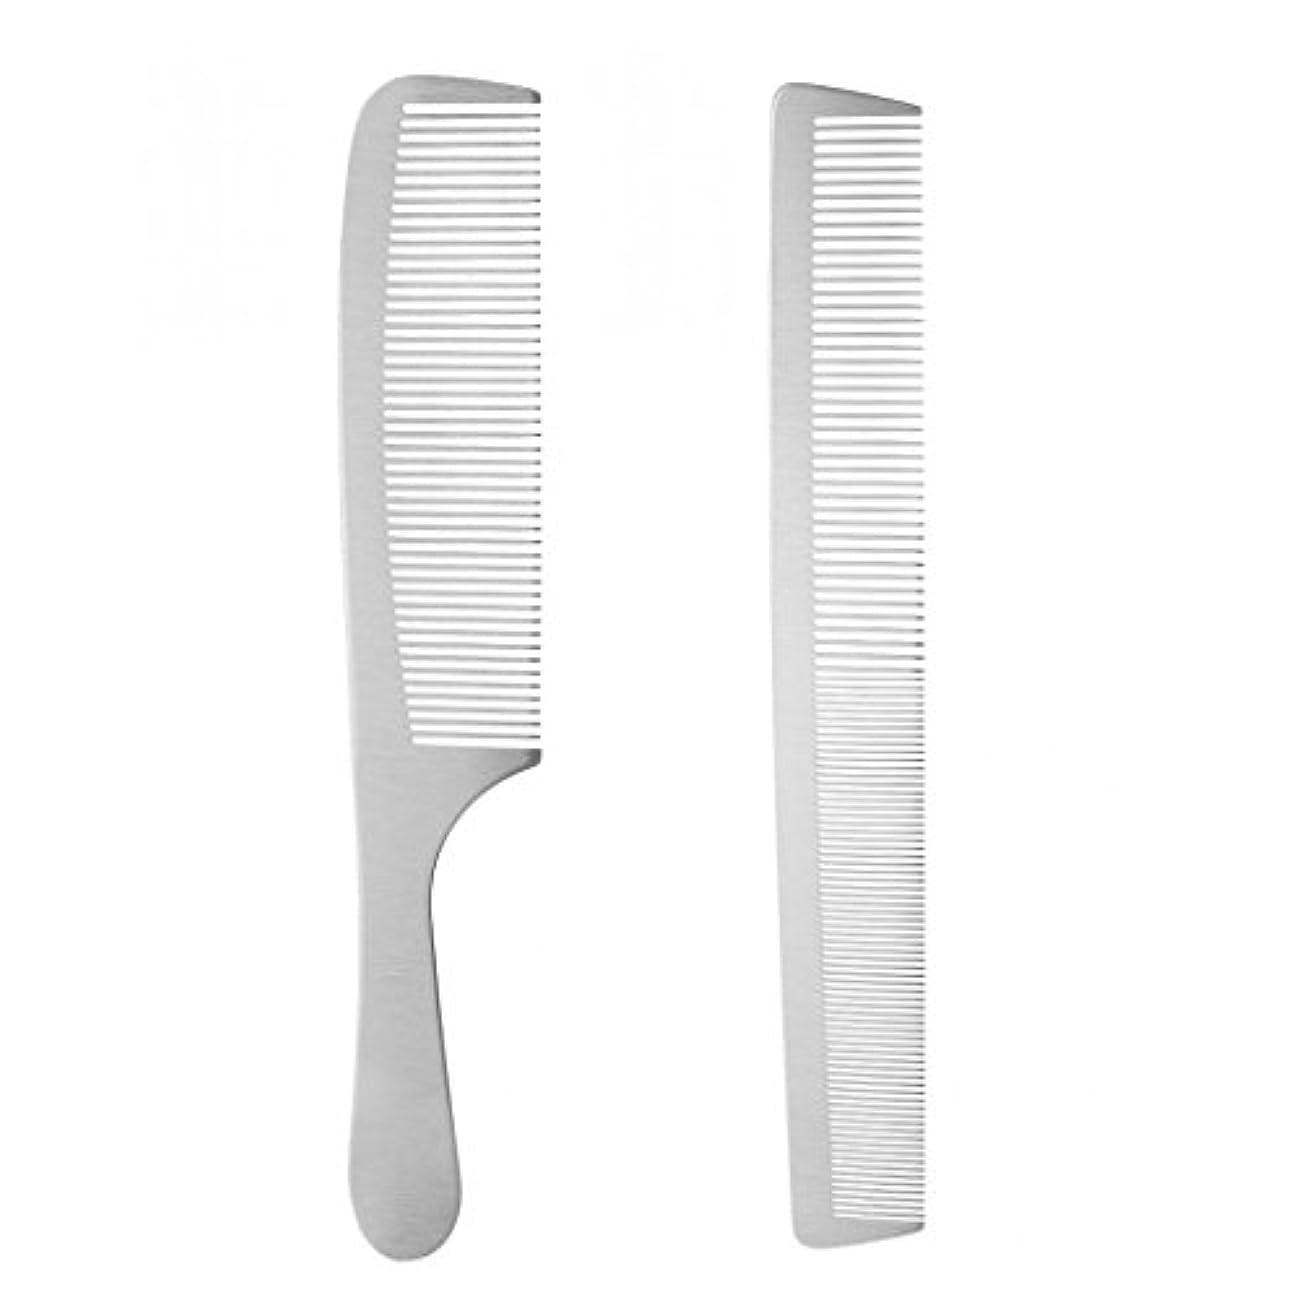 該当する国民投票高く2個 ヘアスタイリング ヘアカットコーム 櫛 ヘアブラシ ステンレス鋼 サロン 理髪師 カッティング 耐久性 耐熱性